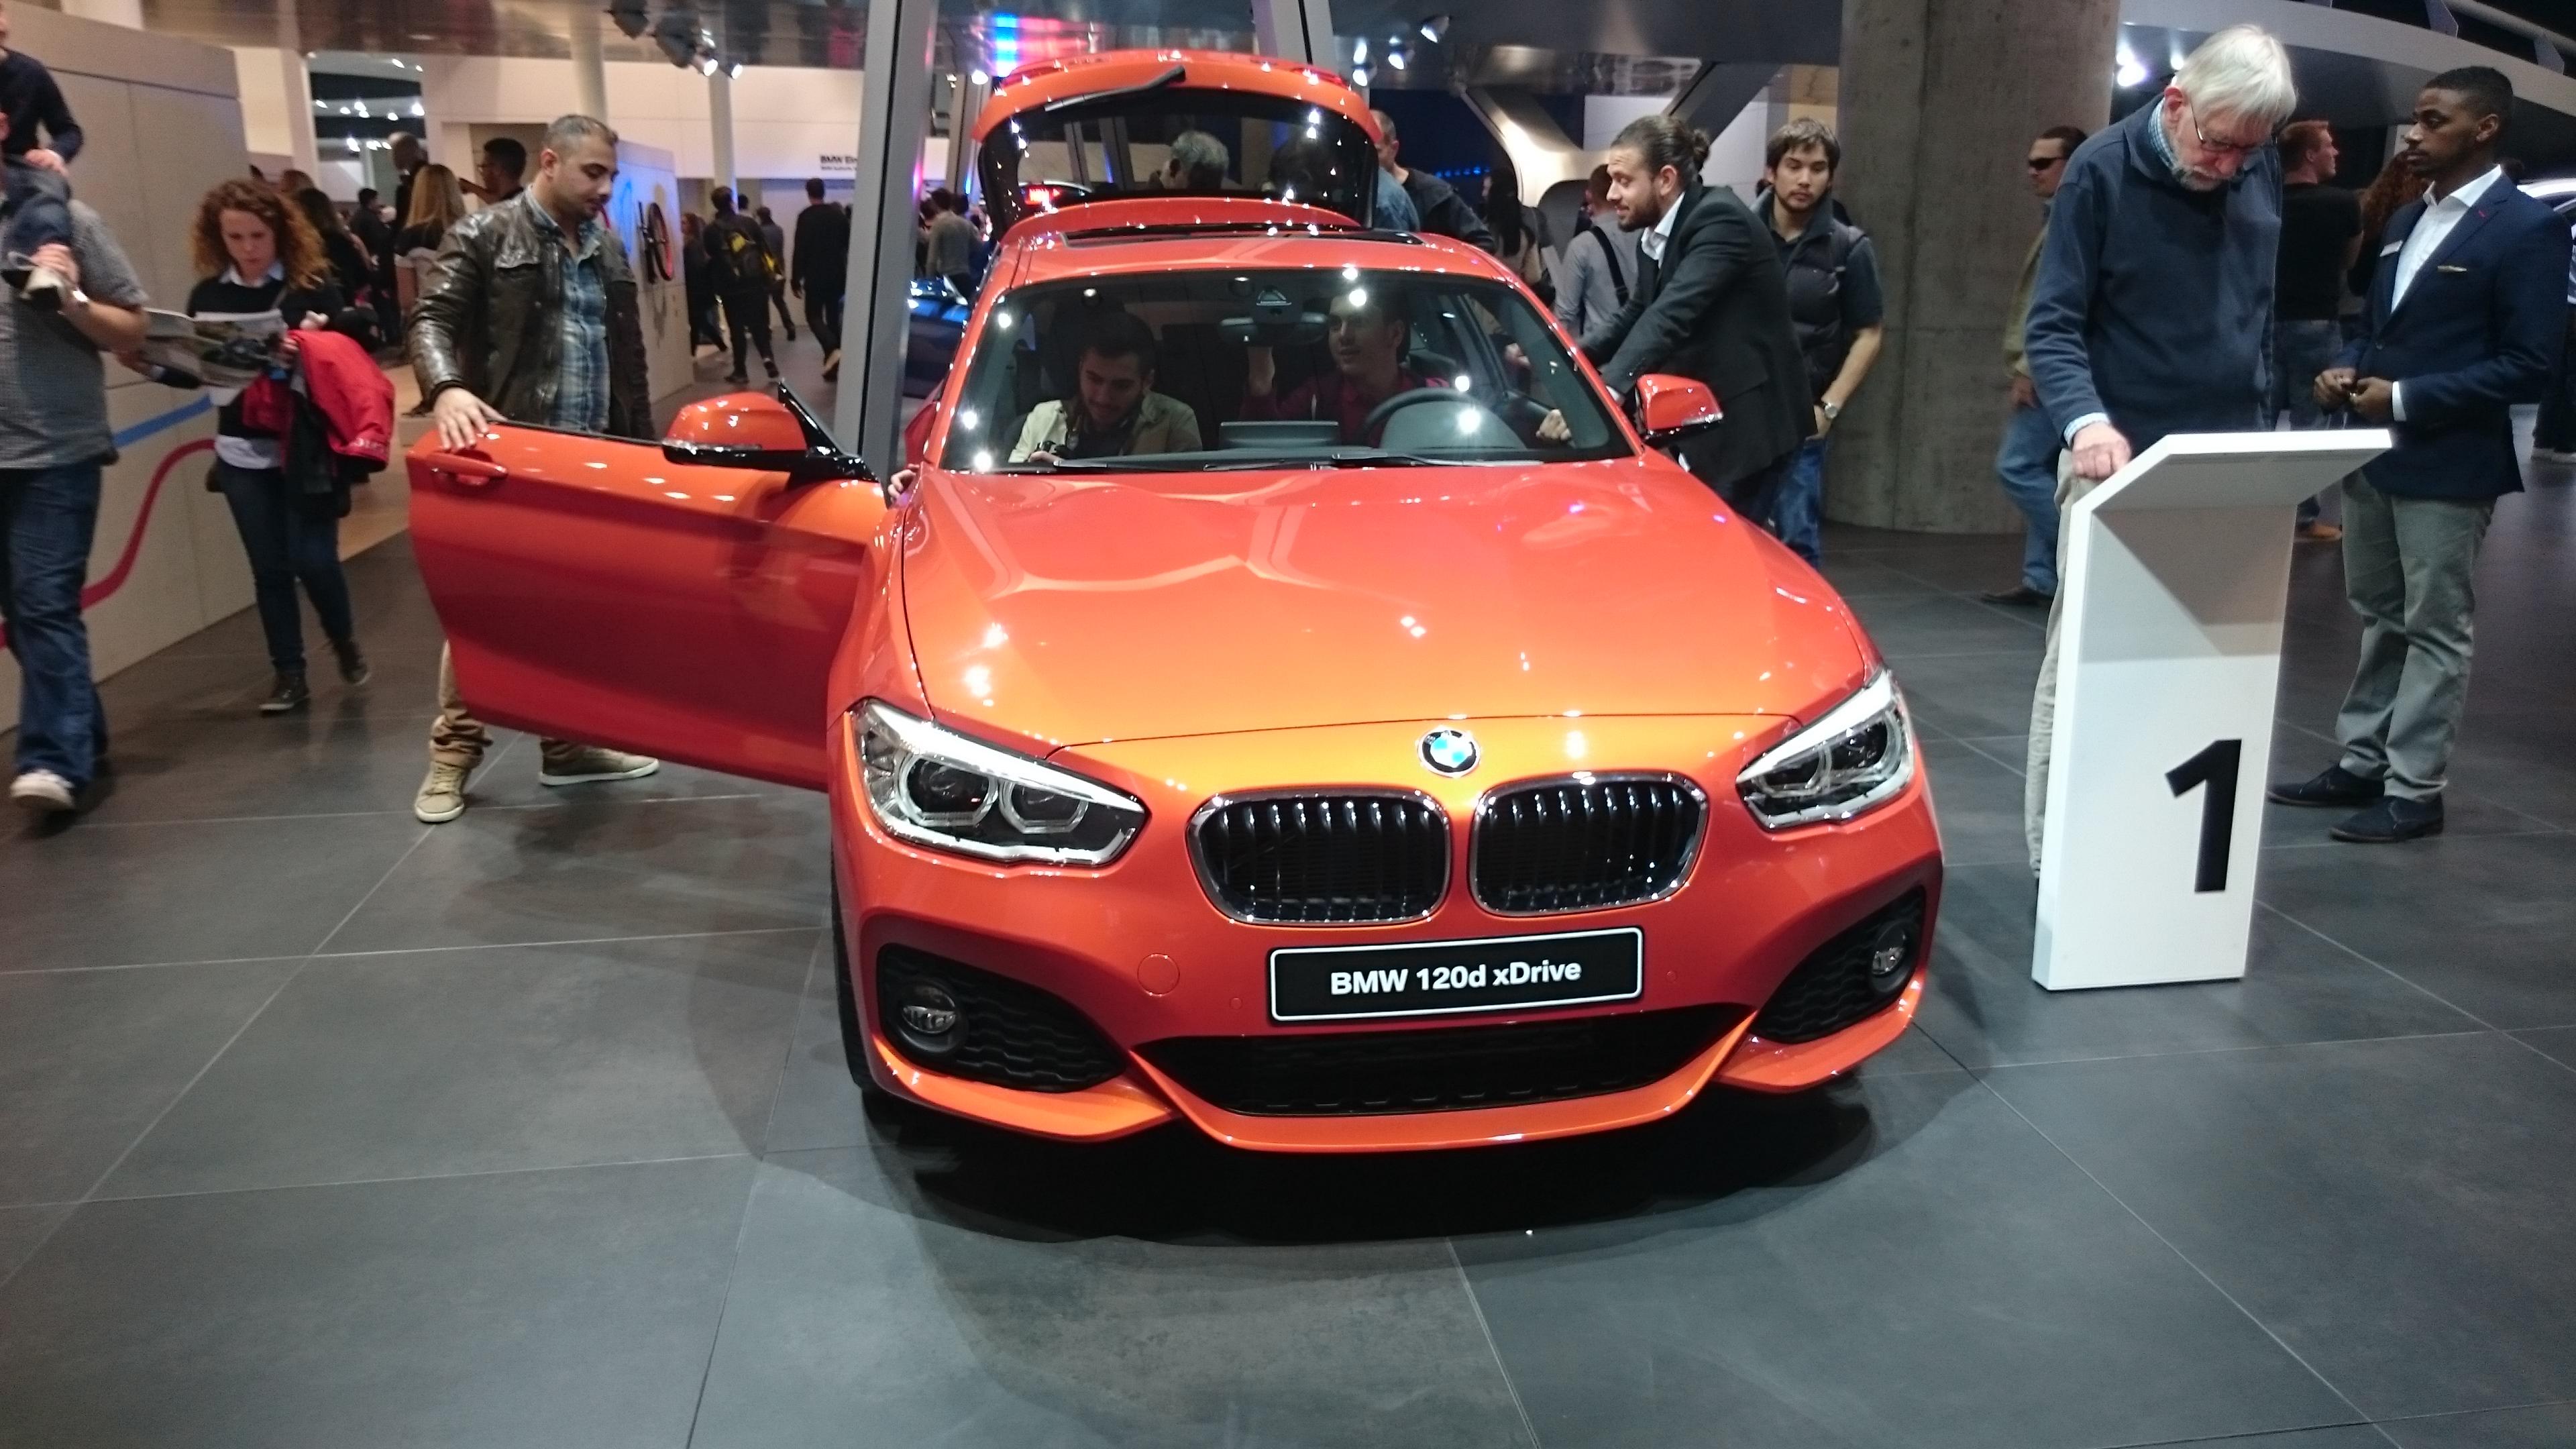 Fotos normales de varios BMW en el IAA2015  #VidePan en #IAA2015